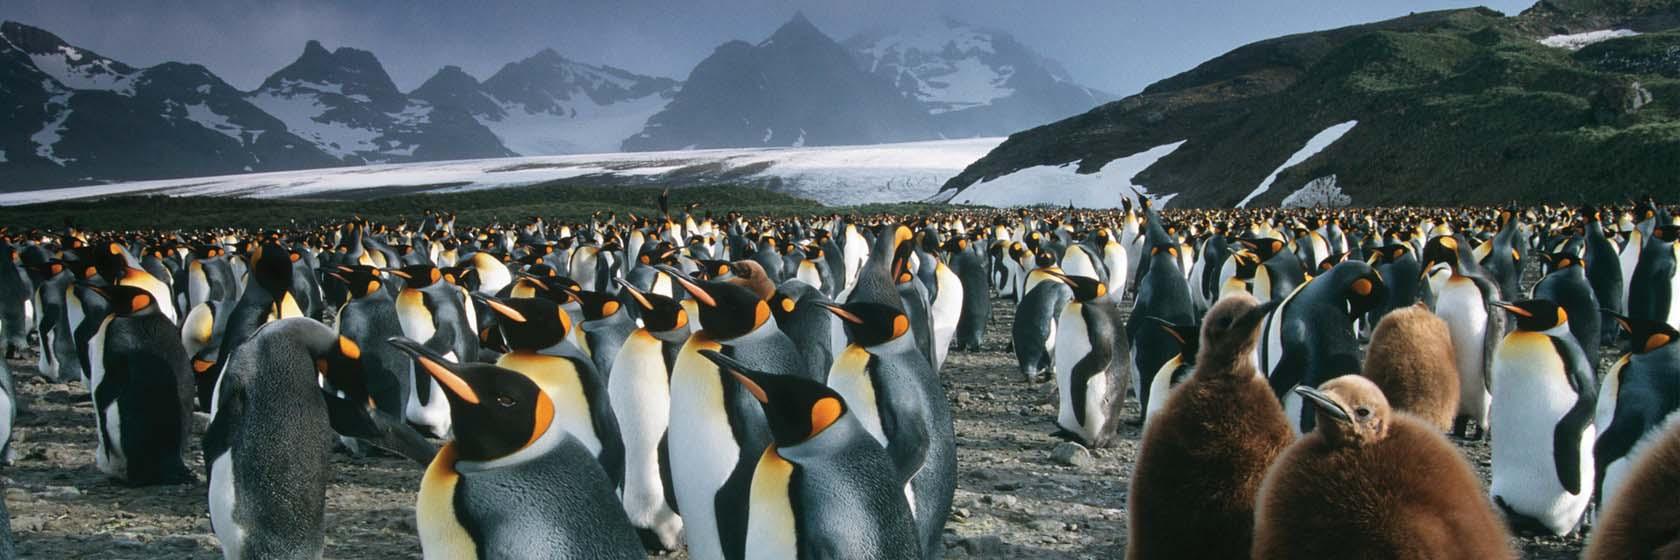 Antarctica, South Georgia & the Falkland Islands 2021 with A&K